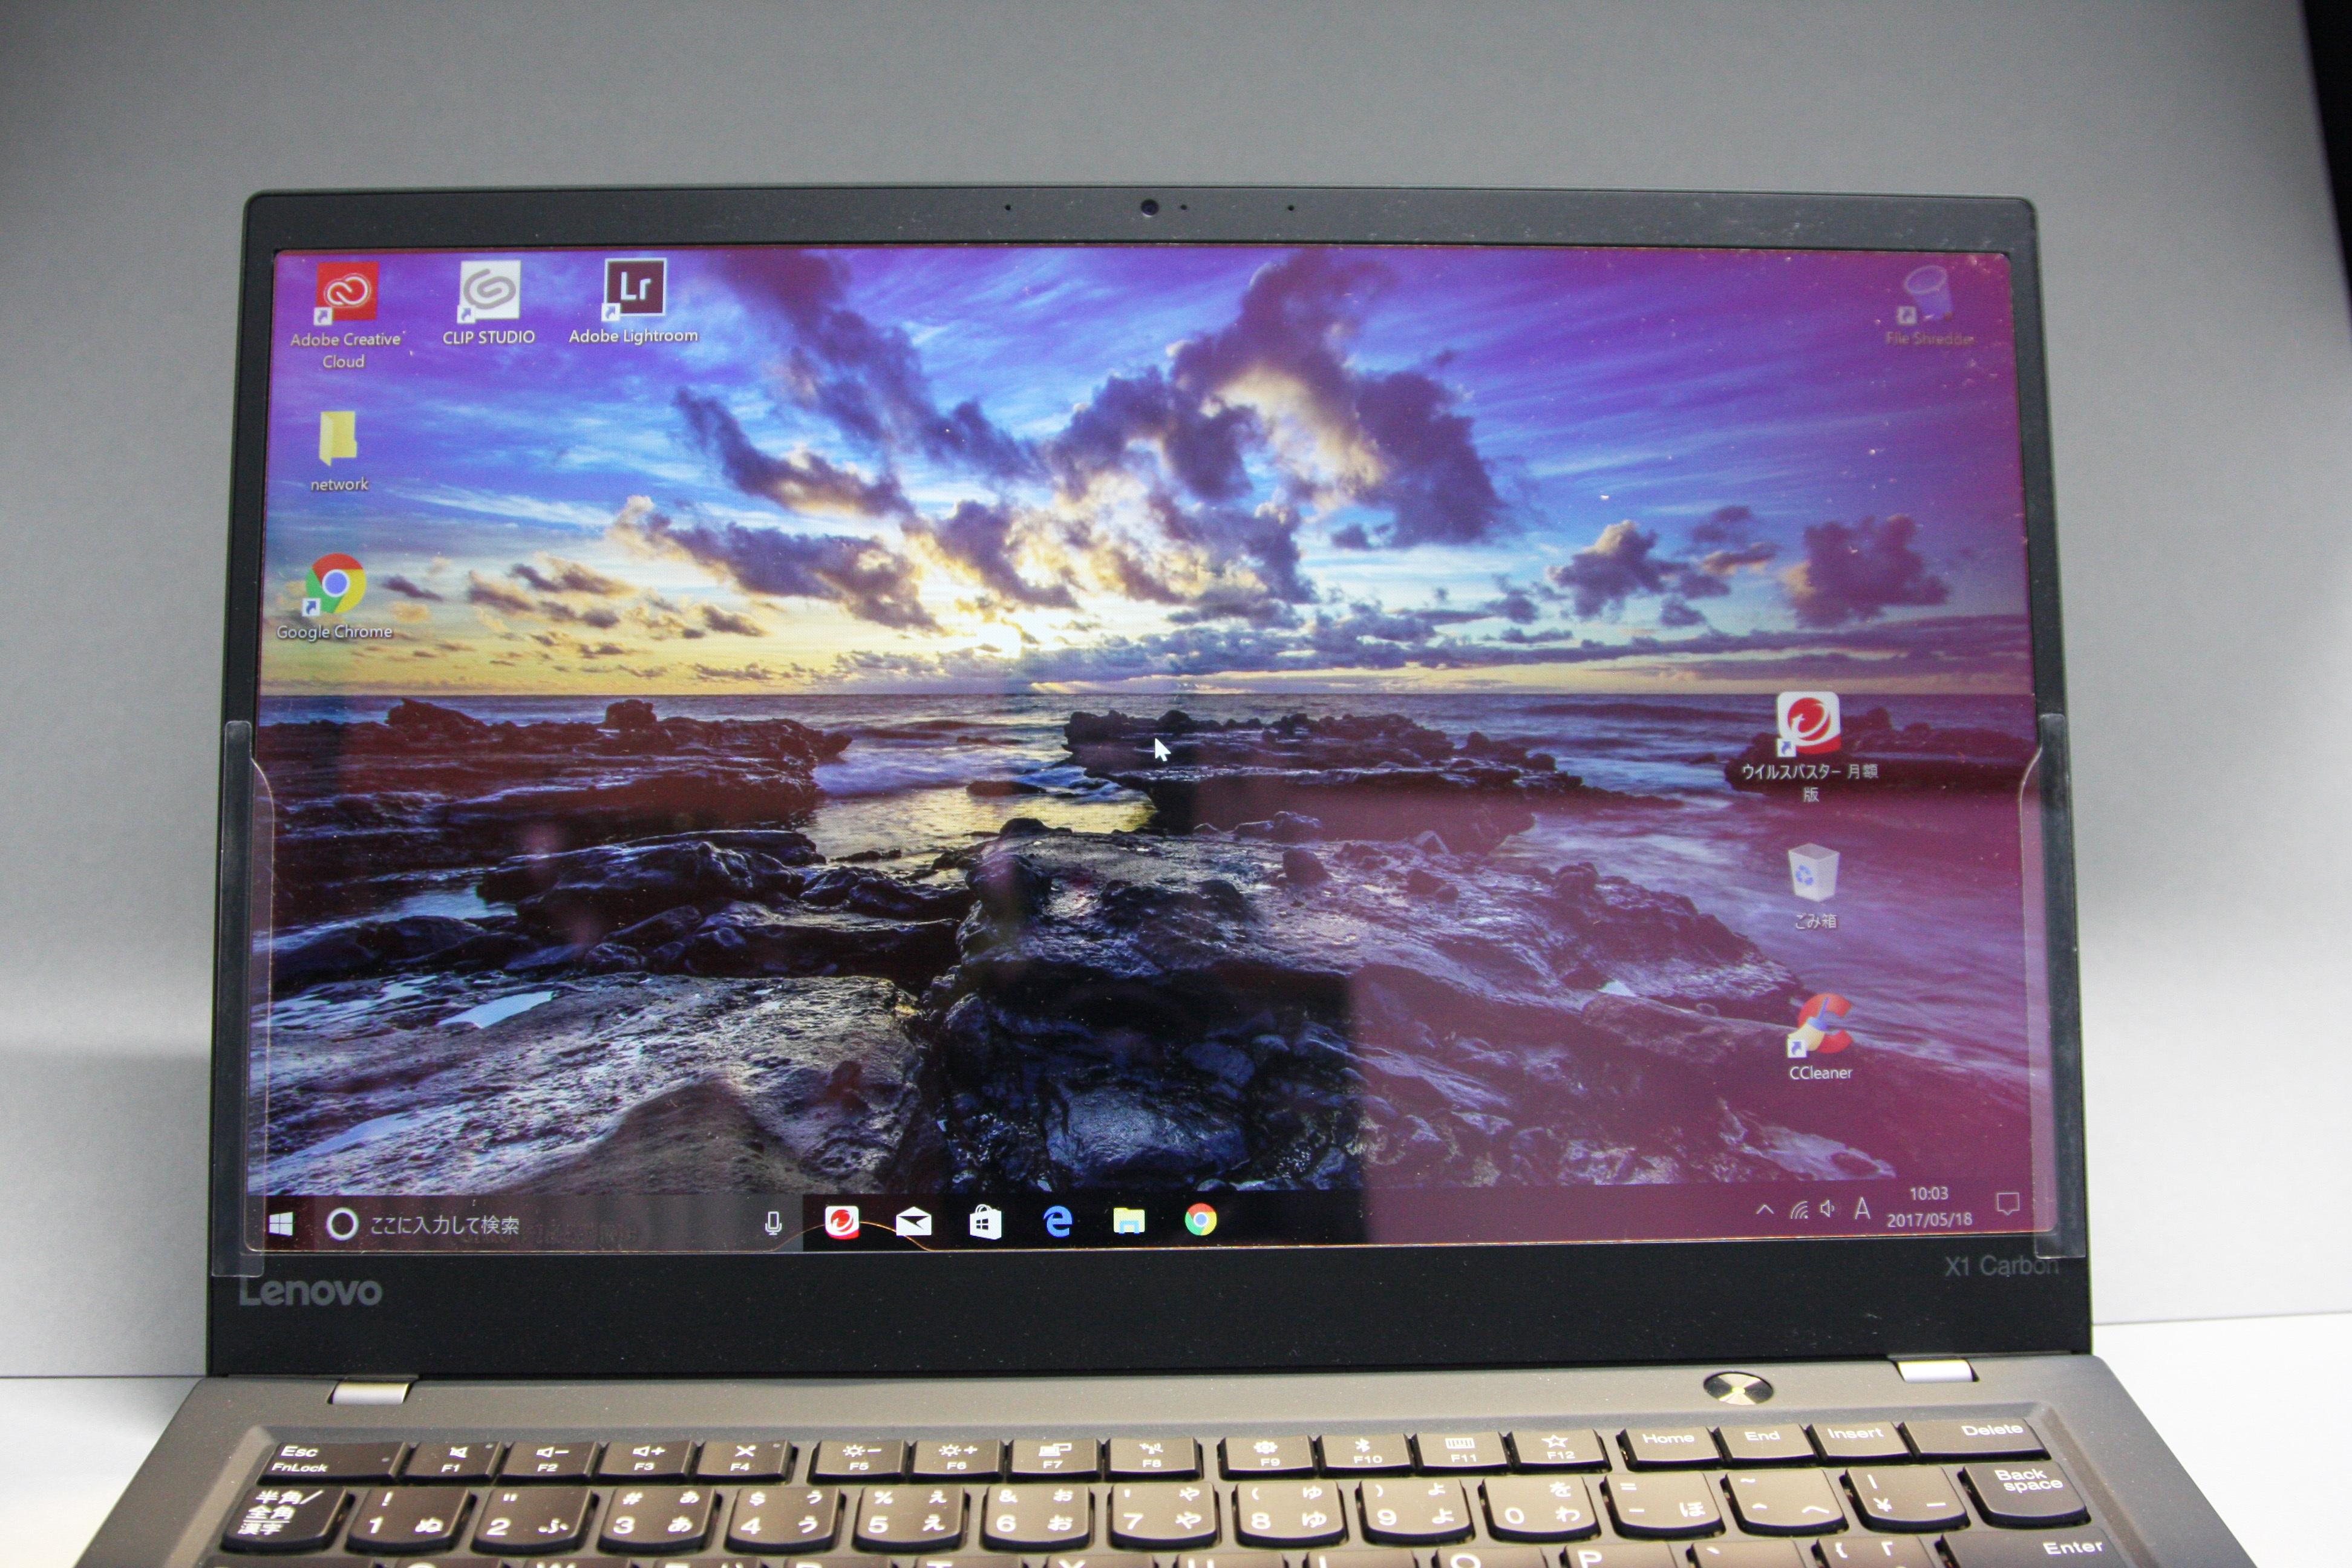 3MTMゴールドプライバシーフィルター GPF14.0Wをノートパソコンに装着